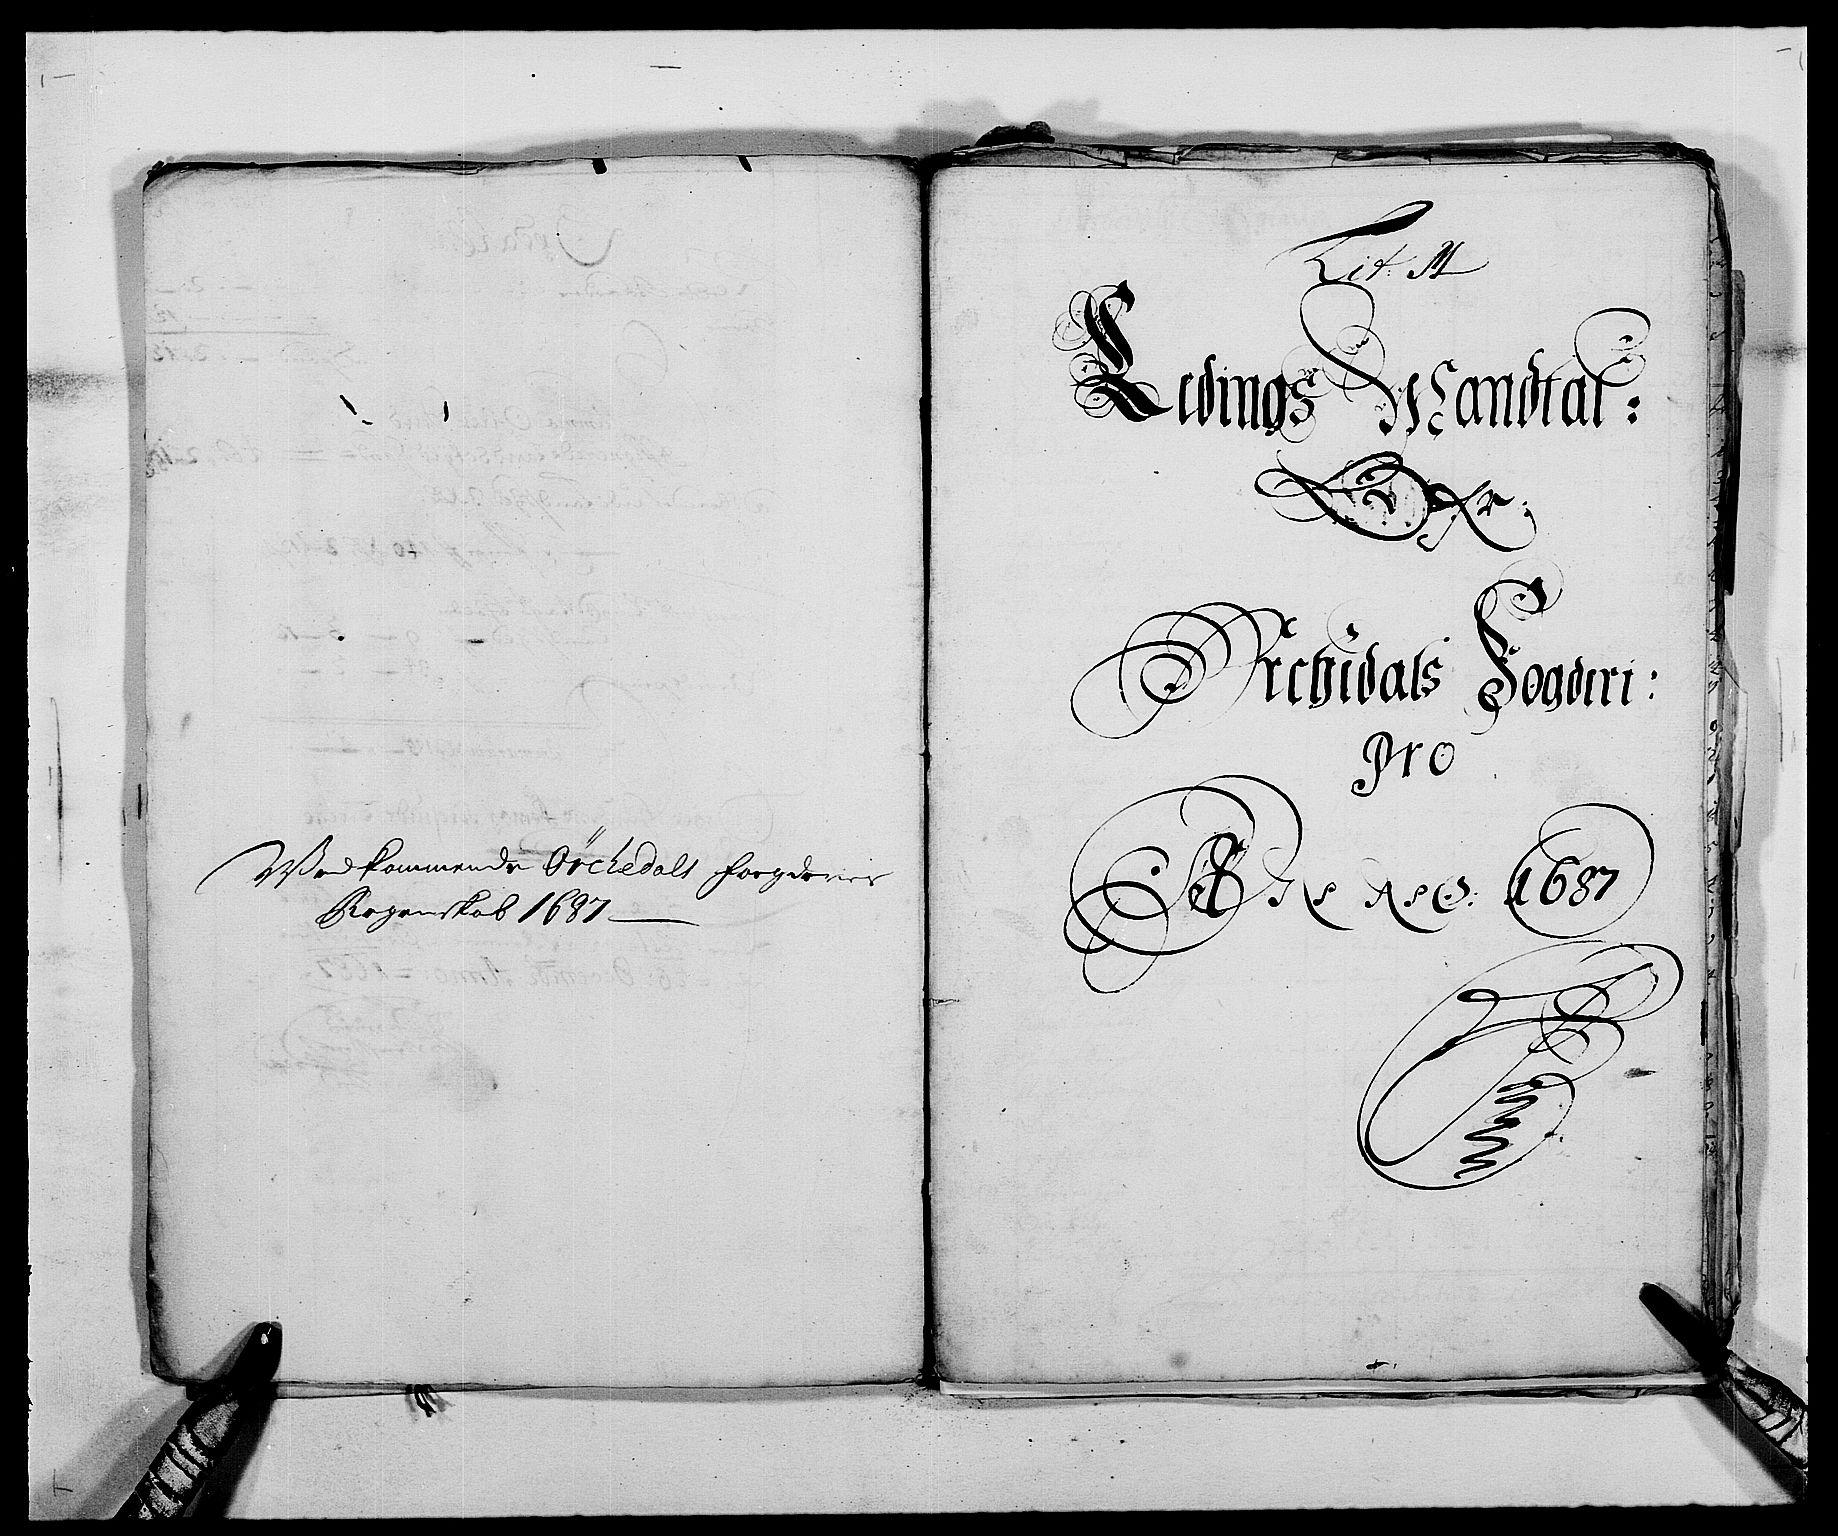 RA, Rentekammeret inntil 1814, Reviderte regnskaper, Fogderegnskap, R58/L3935: Fogderegnskap Orkdal, 1687-1688, s. 131